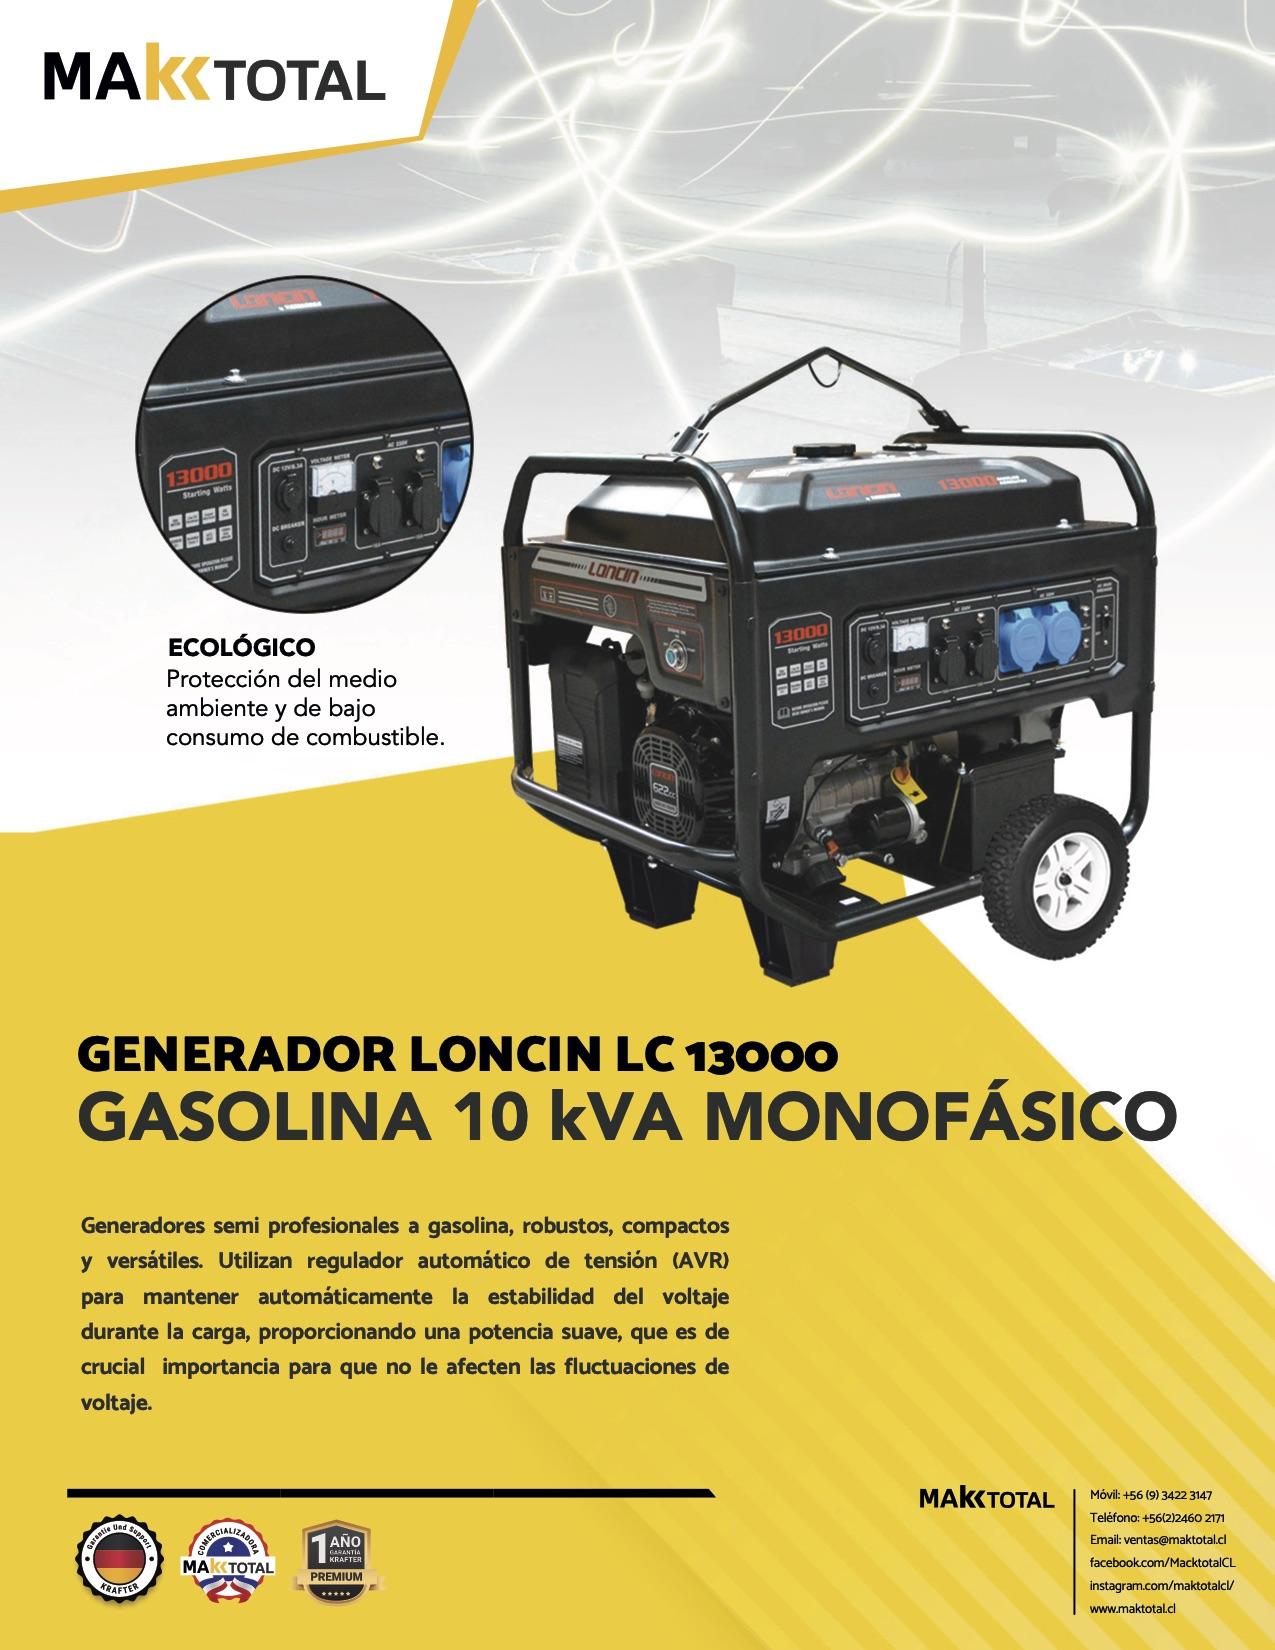 Generador Gasolina 10 KVA Monofásico